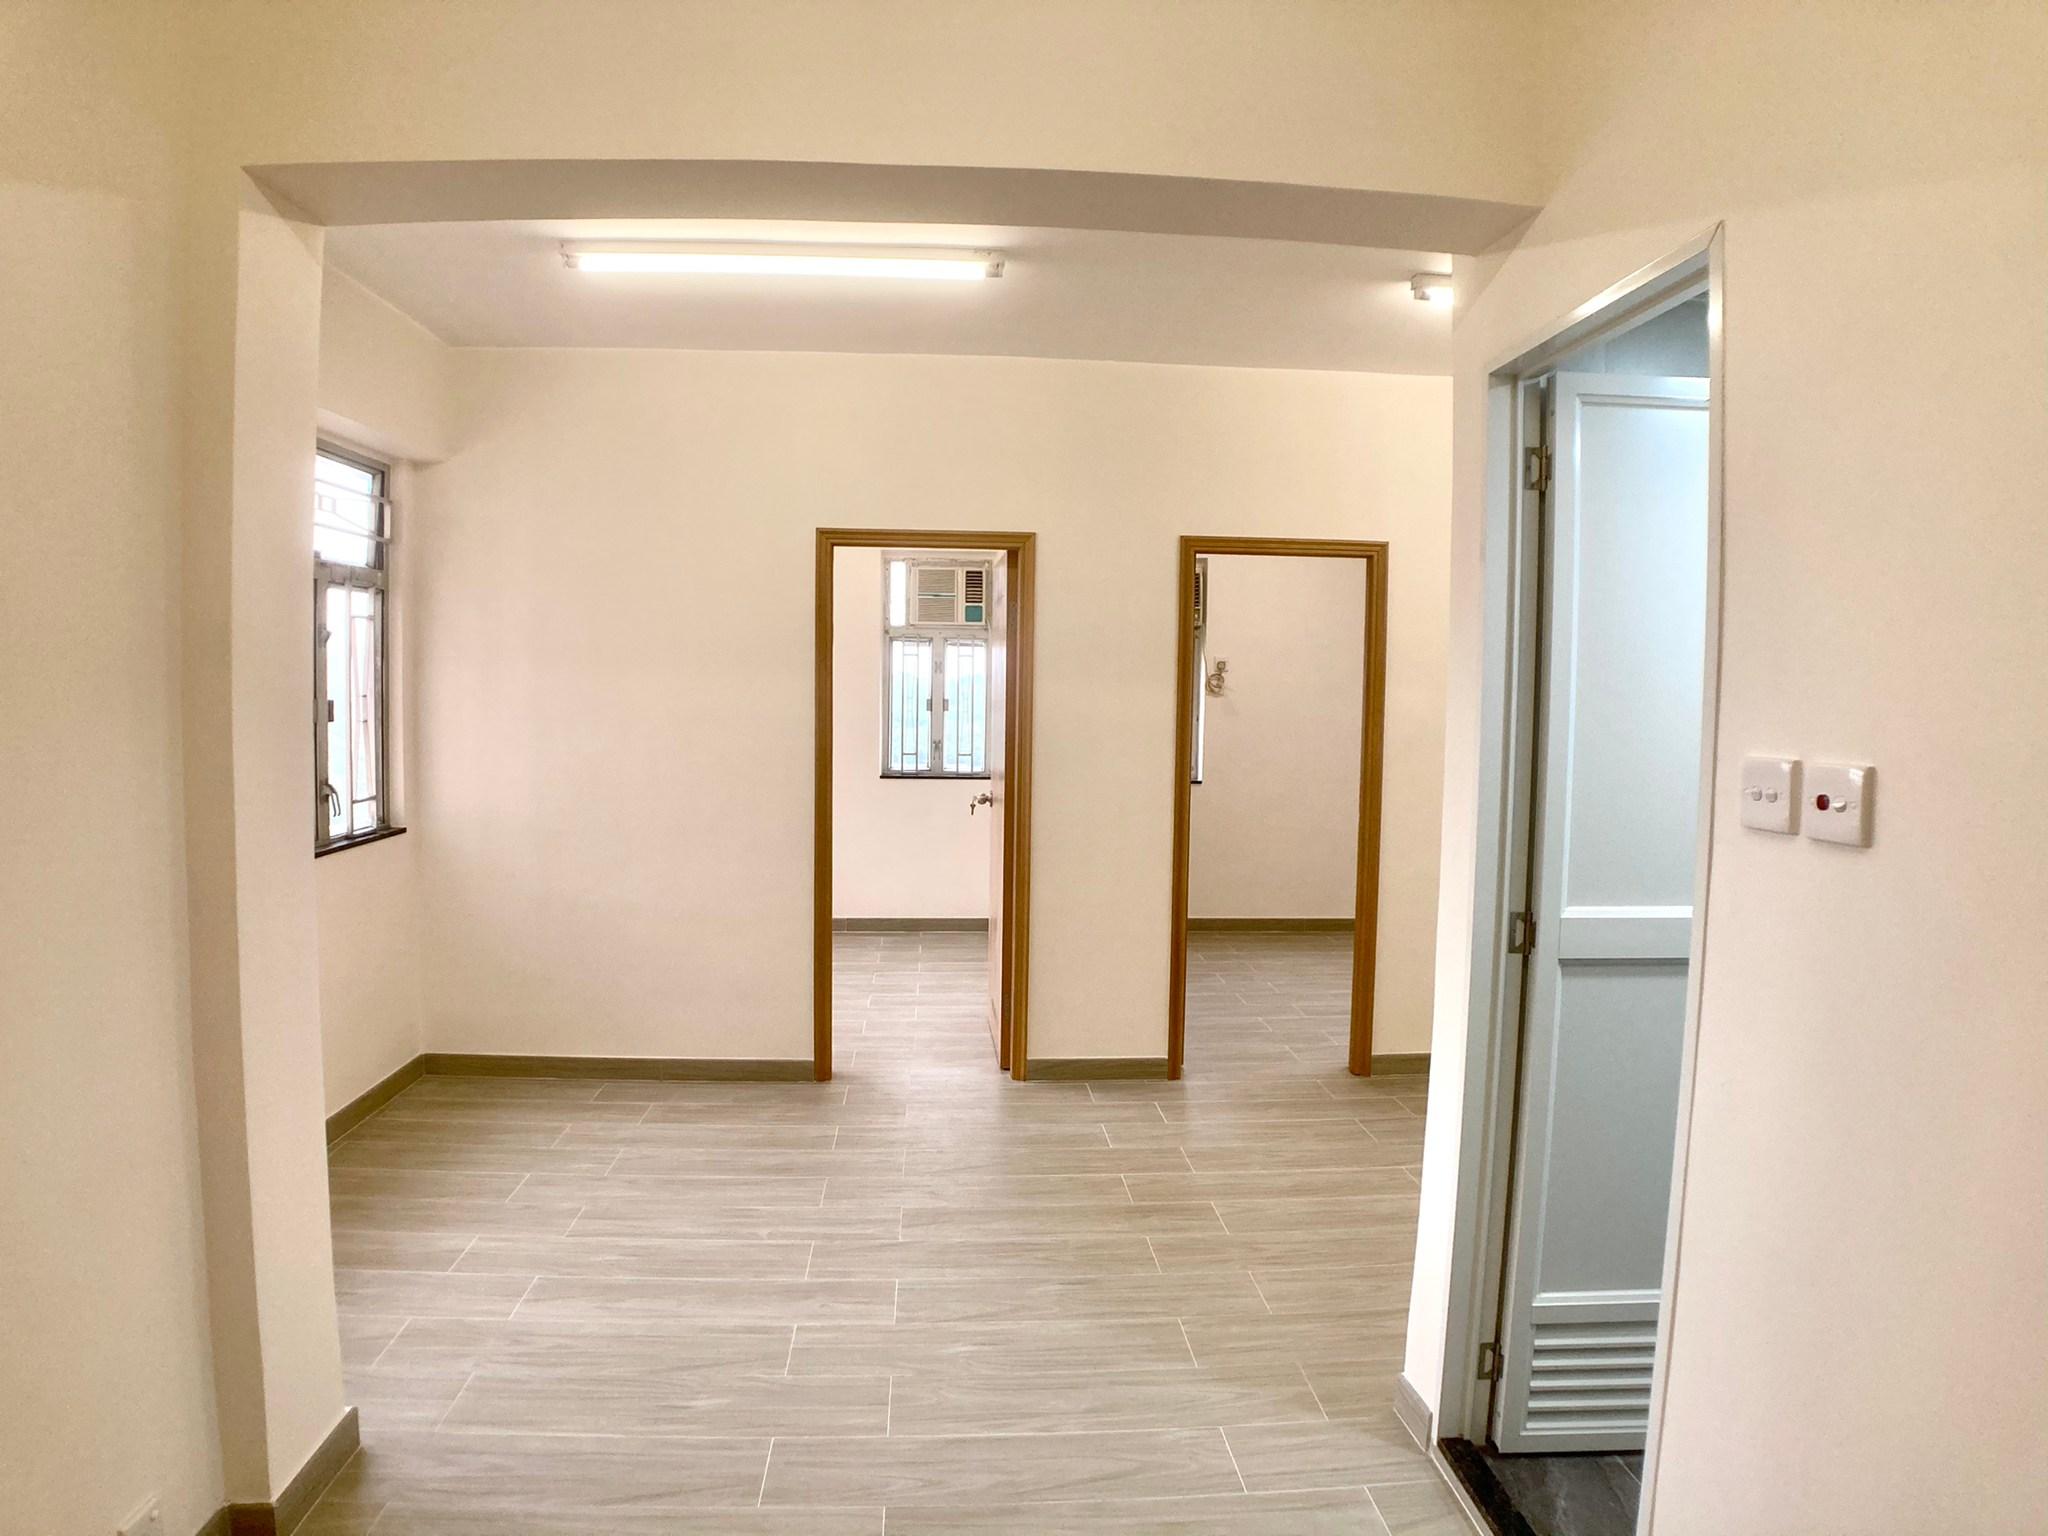 元朗洋樓系列 — 永發大樓高層2房,有匙引56814617